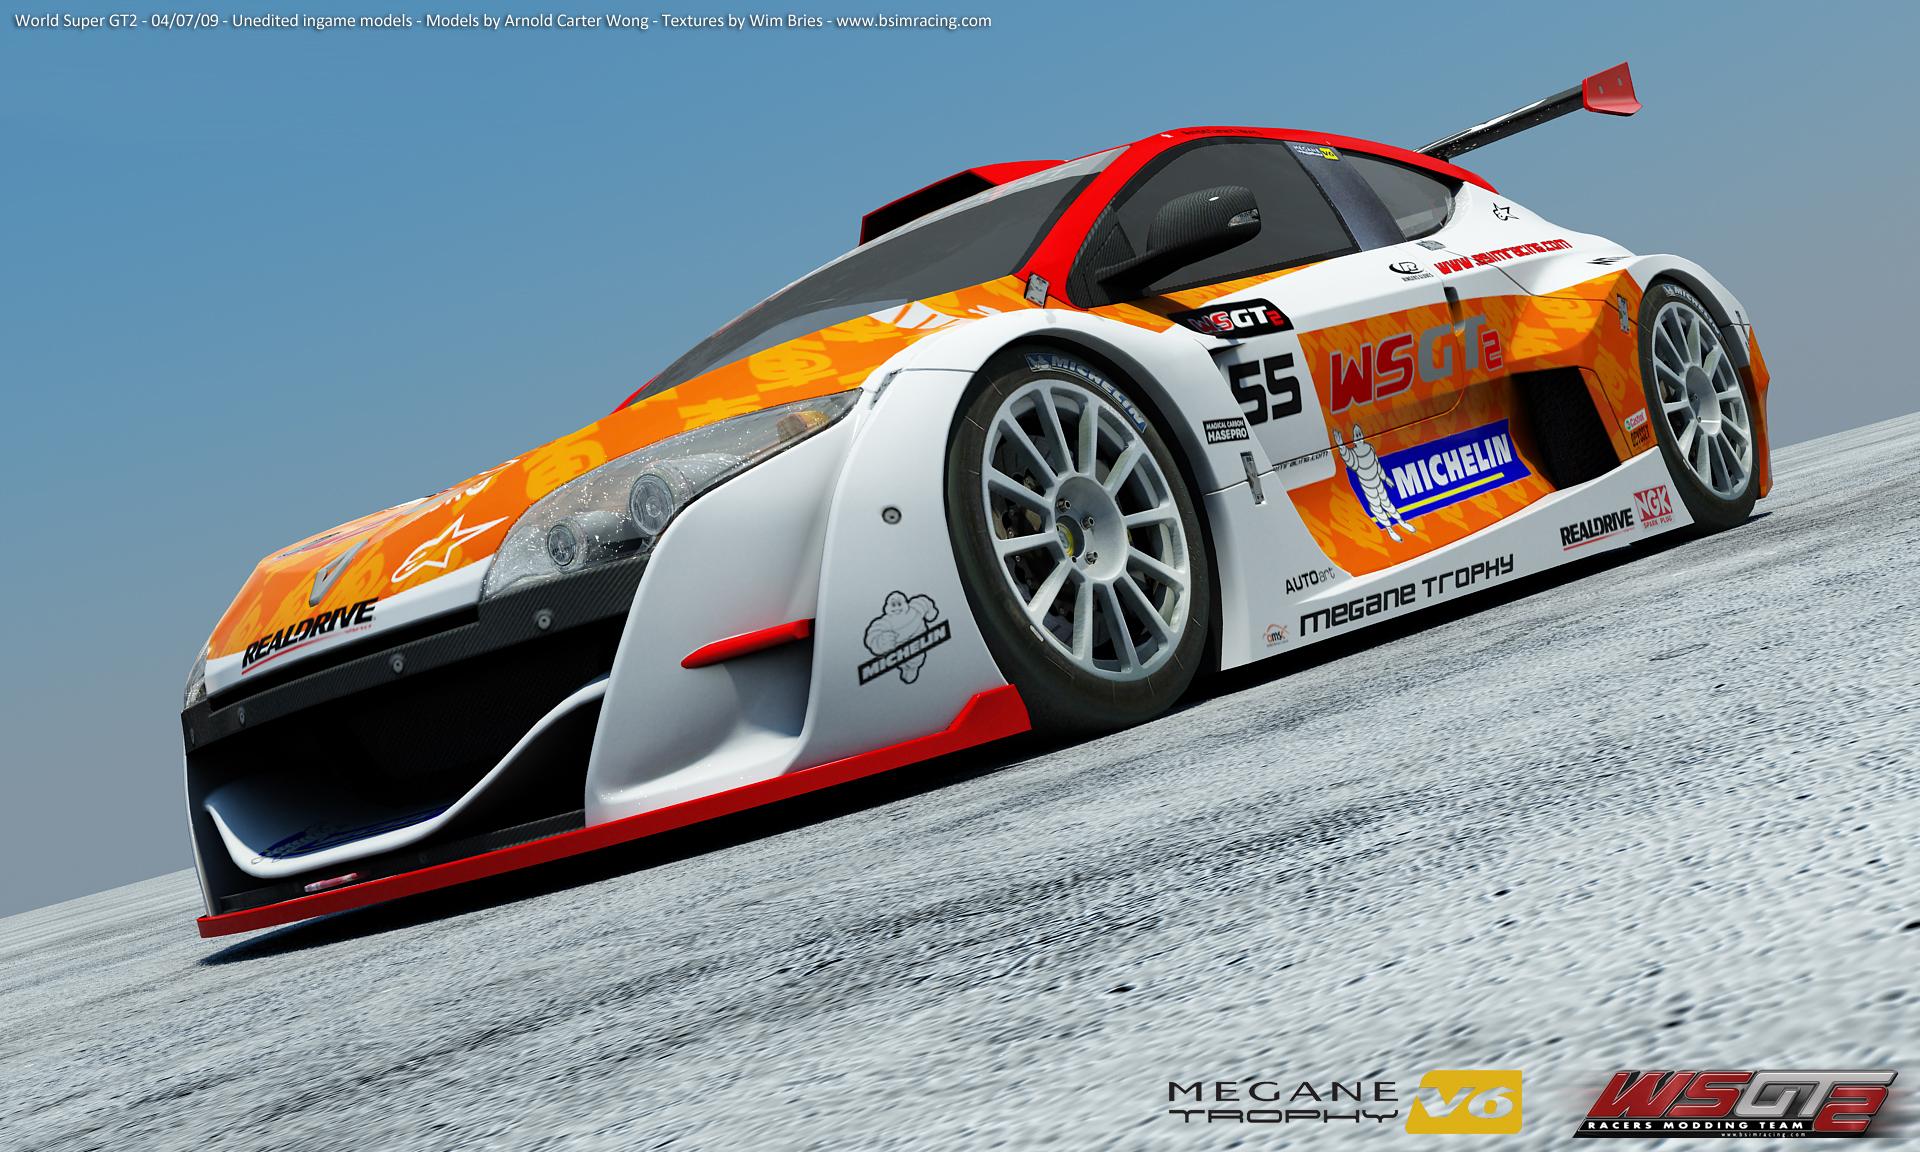 world super gt 2 megane trophy car renders sim racing news. Black Bedroom Furniture Sets. Home Design Ideas